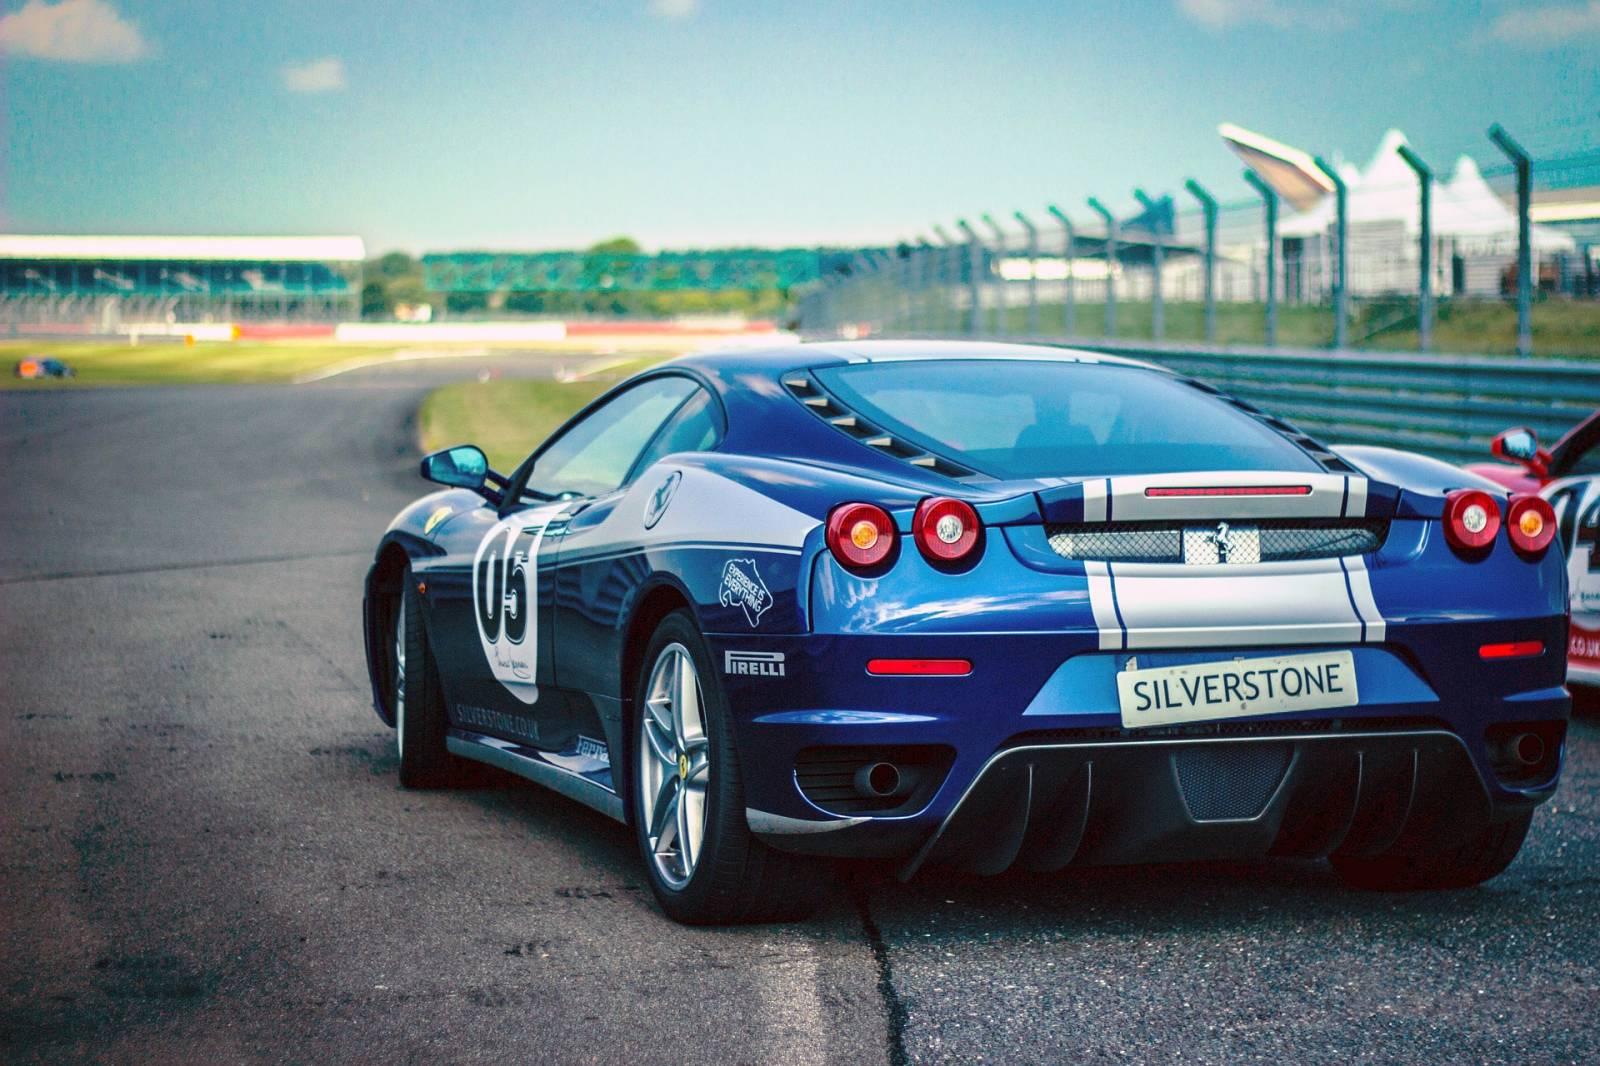 autós szülinapi képeslapok Ferrari versenyautó   Képeslapküldés   e kepeslap.com autós szülinapi képeslapok